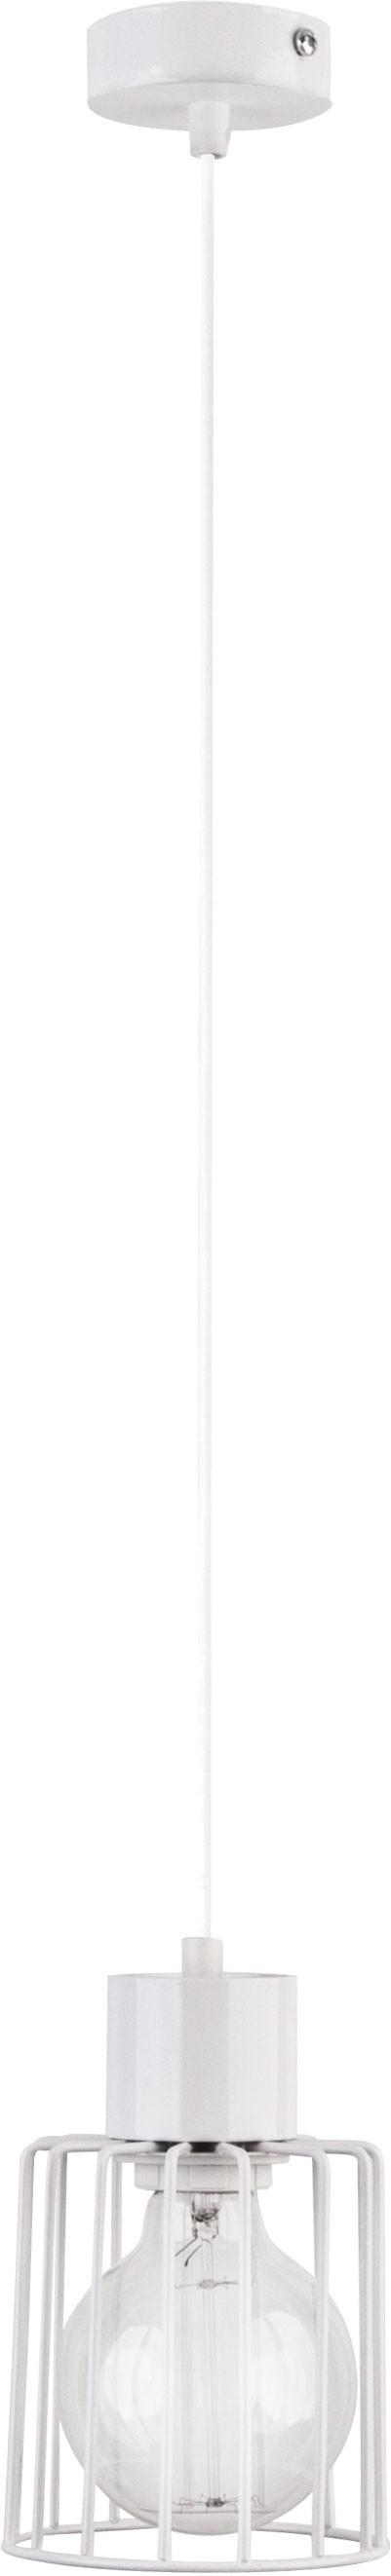 Lampa wisząca Luto kwadrat 1 biała 31143 - Sigma Do -17% rabatu w koszyku i darmowa dostawa od 299zł !